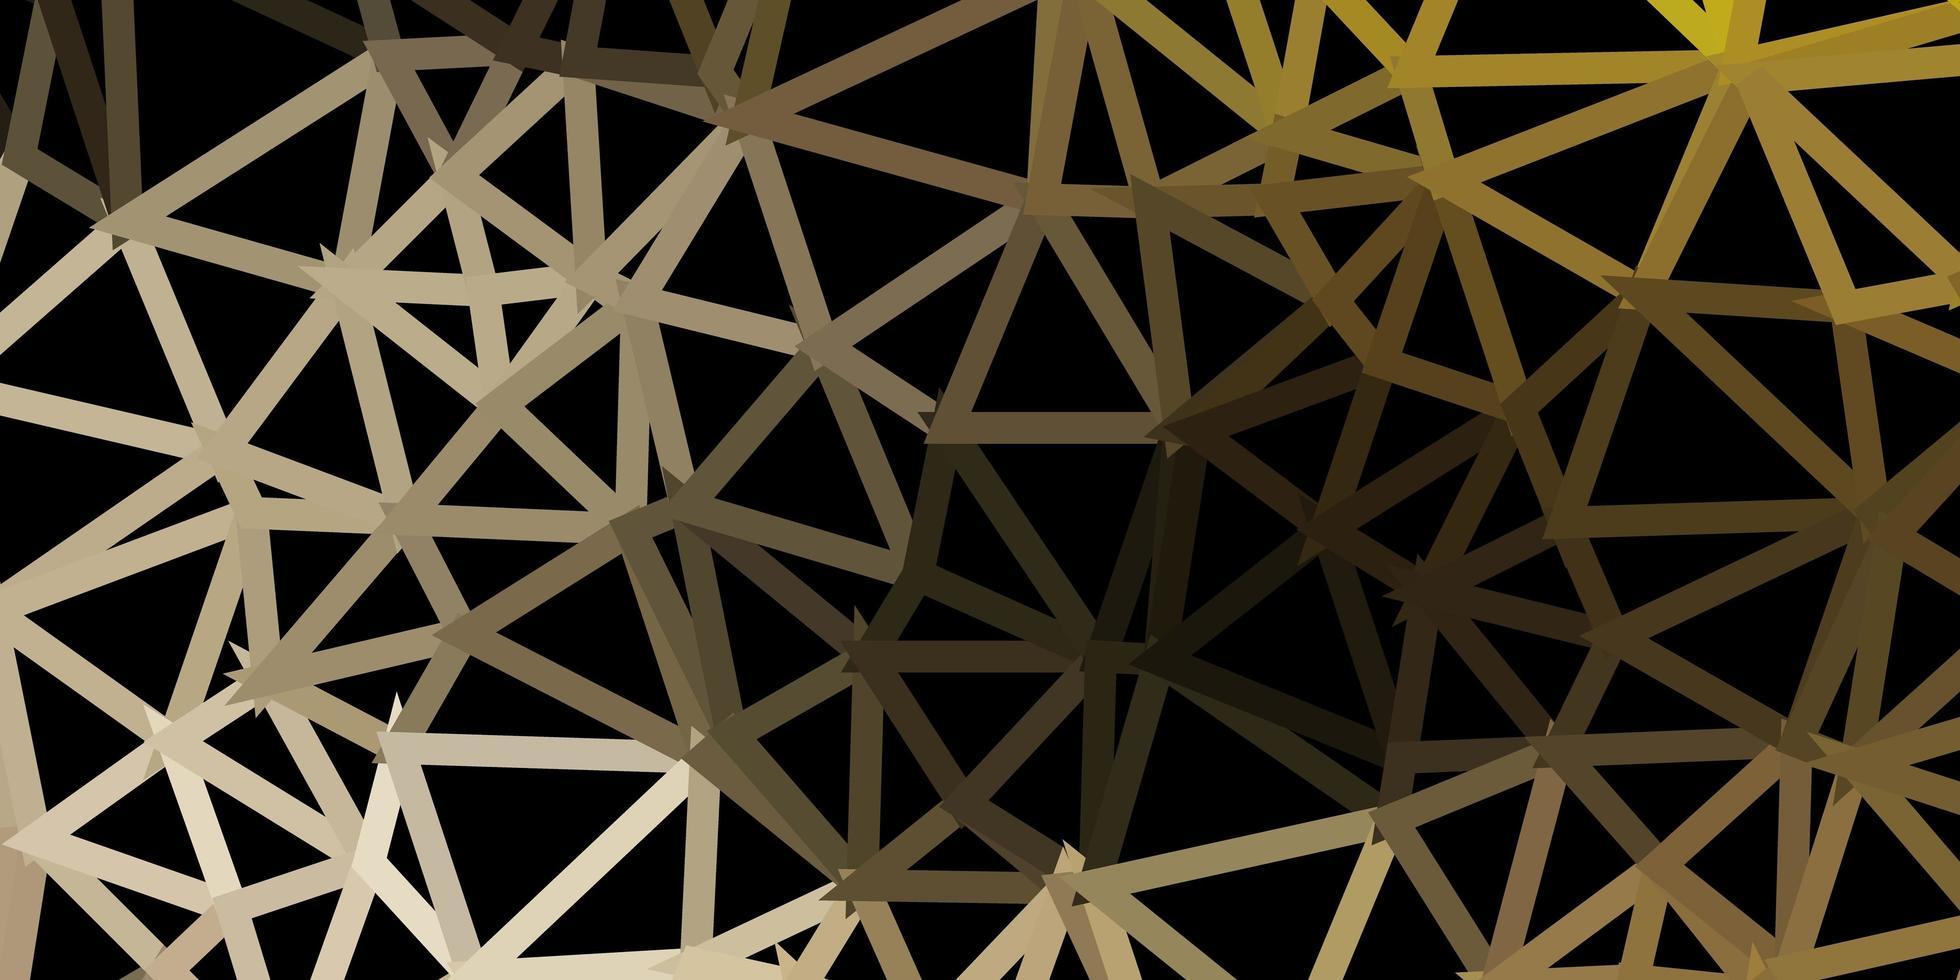 sfondo triangolo astratto vettoriale grigio chiaro.